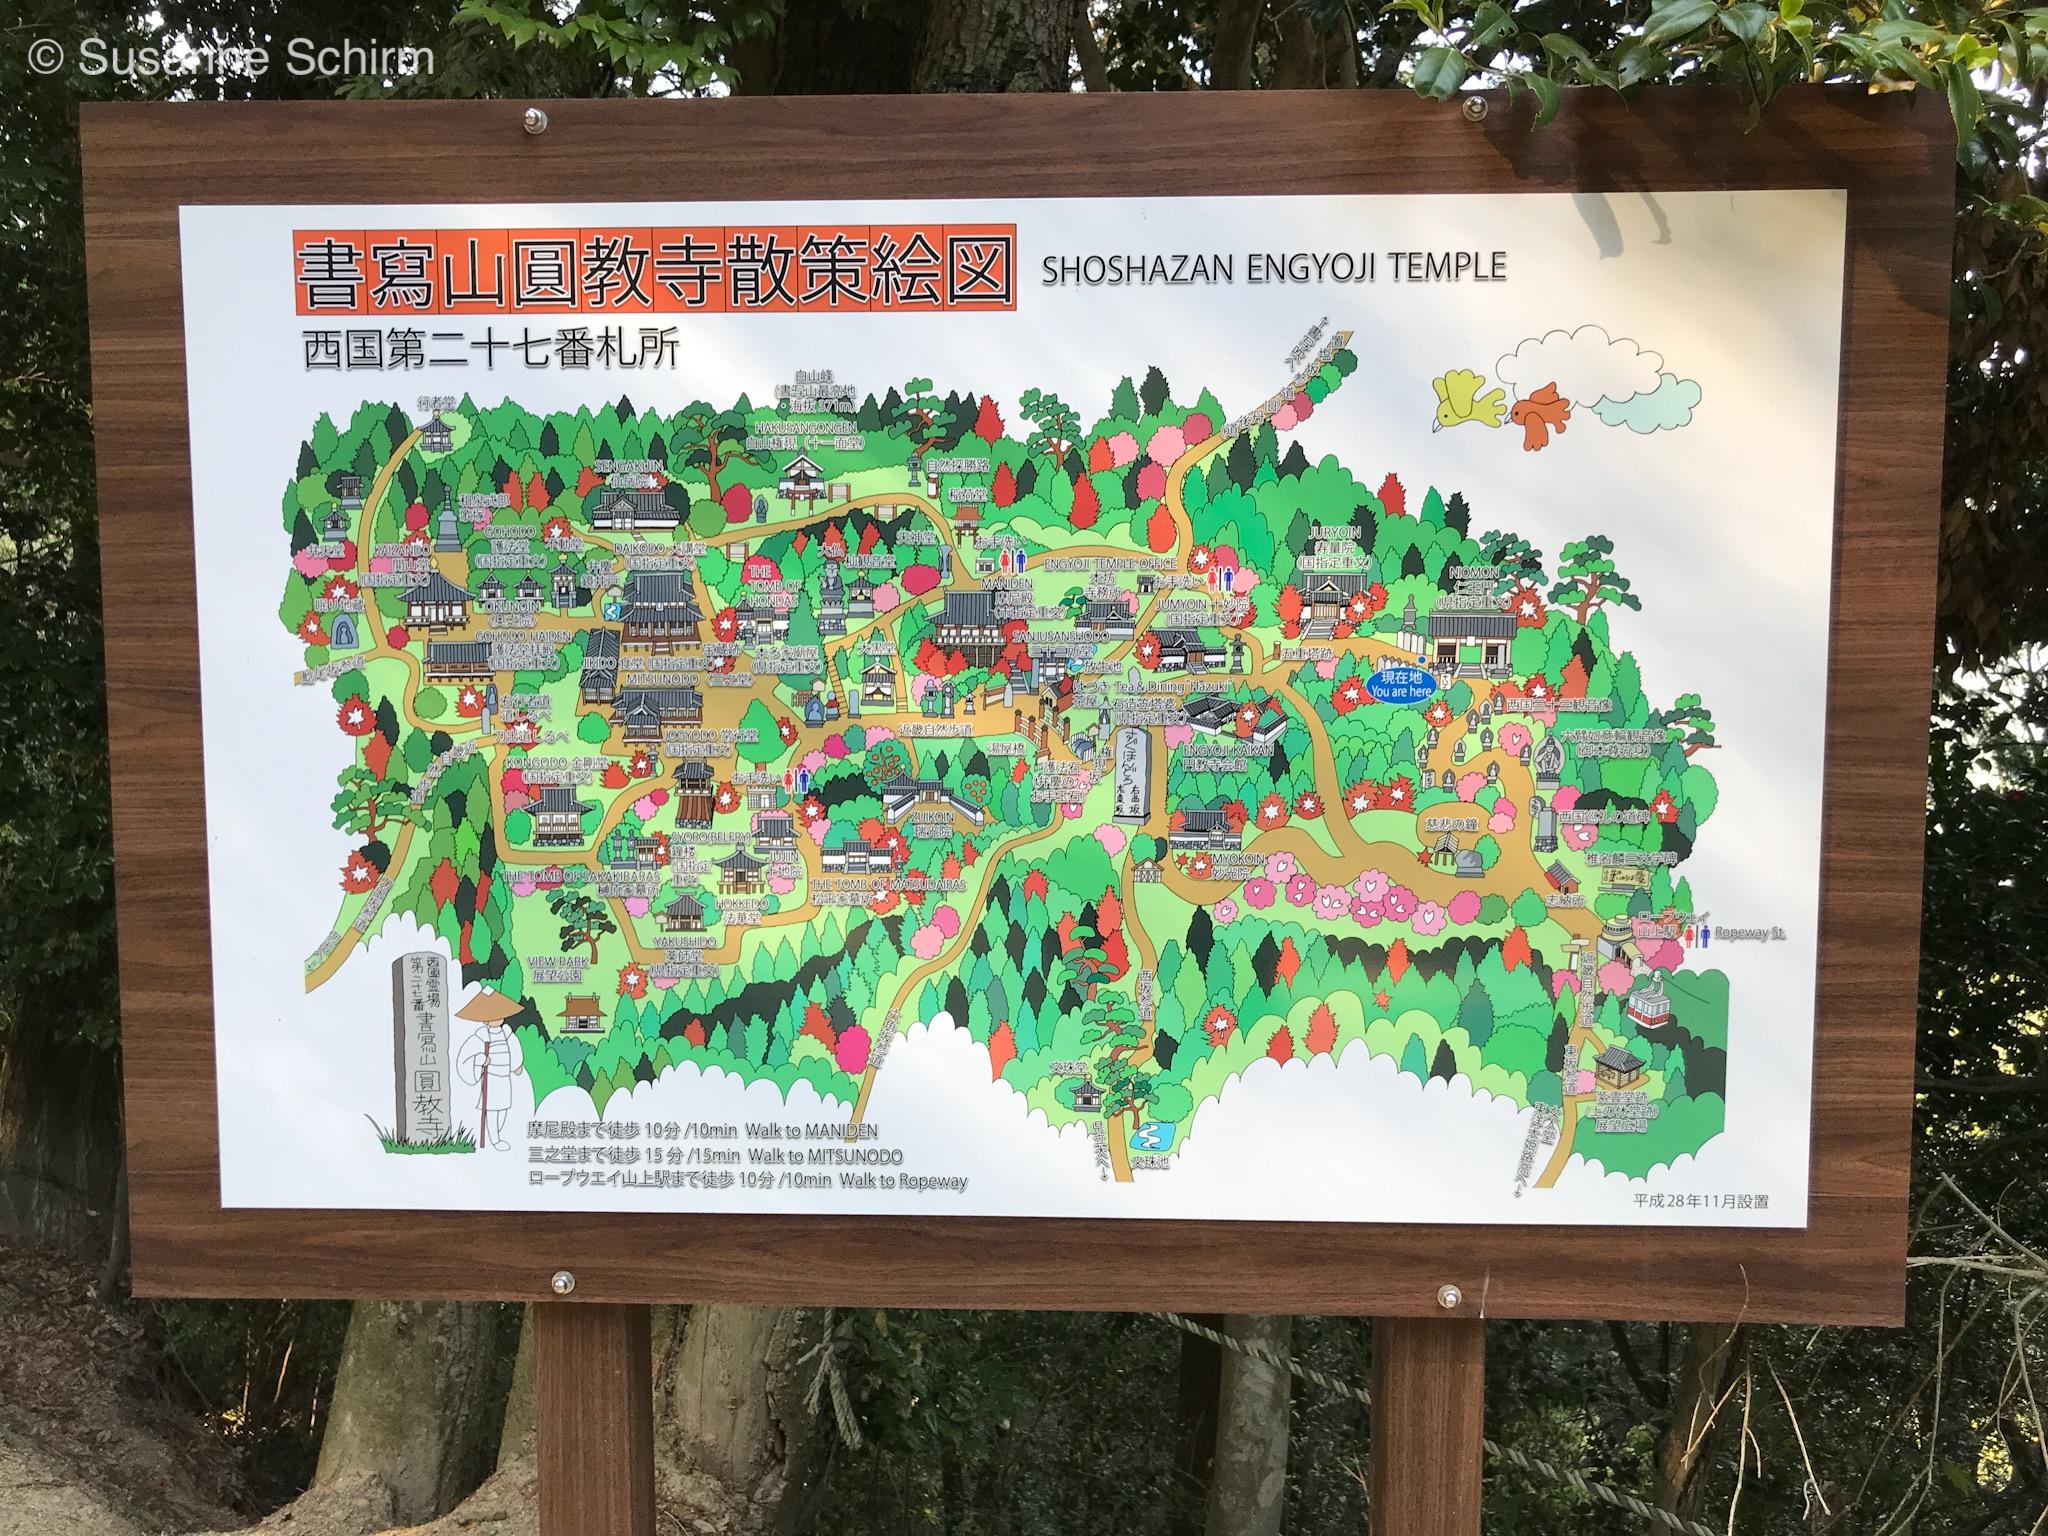 Übersichtskarte der Shoshozan Engyoji Tempelanlage